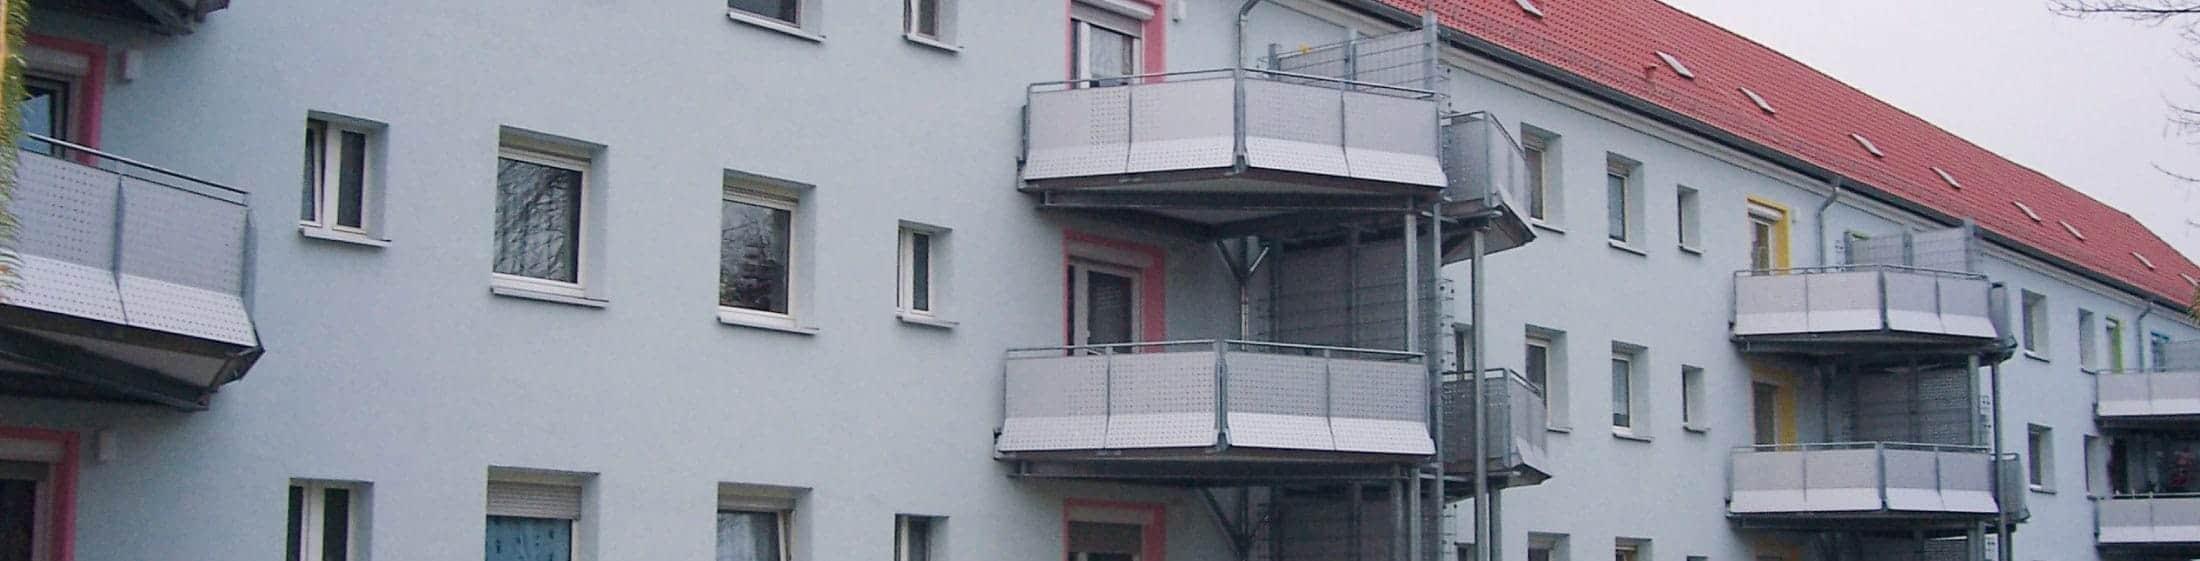 Balkon- und Terrassensanierung, Bauunternehmen Saarlouis